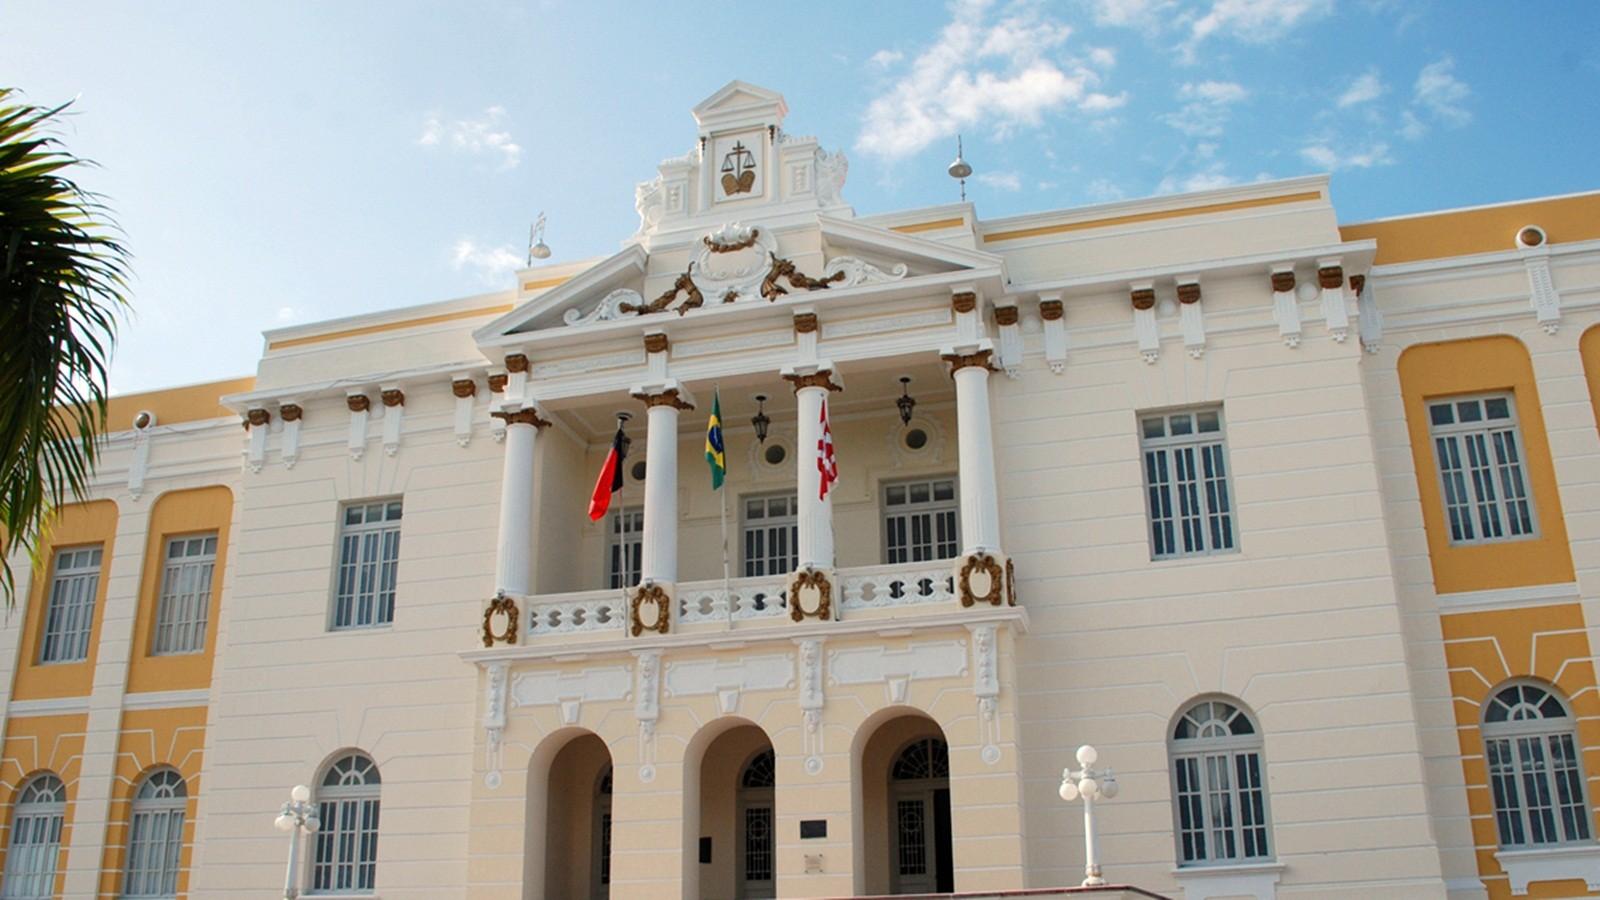 Homem é condenado a mais de 12 anos de prisão por estuprar enteada, em Campina Grande - Notícias - Plantão Diário